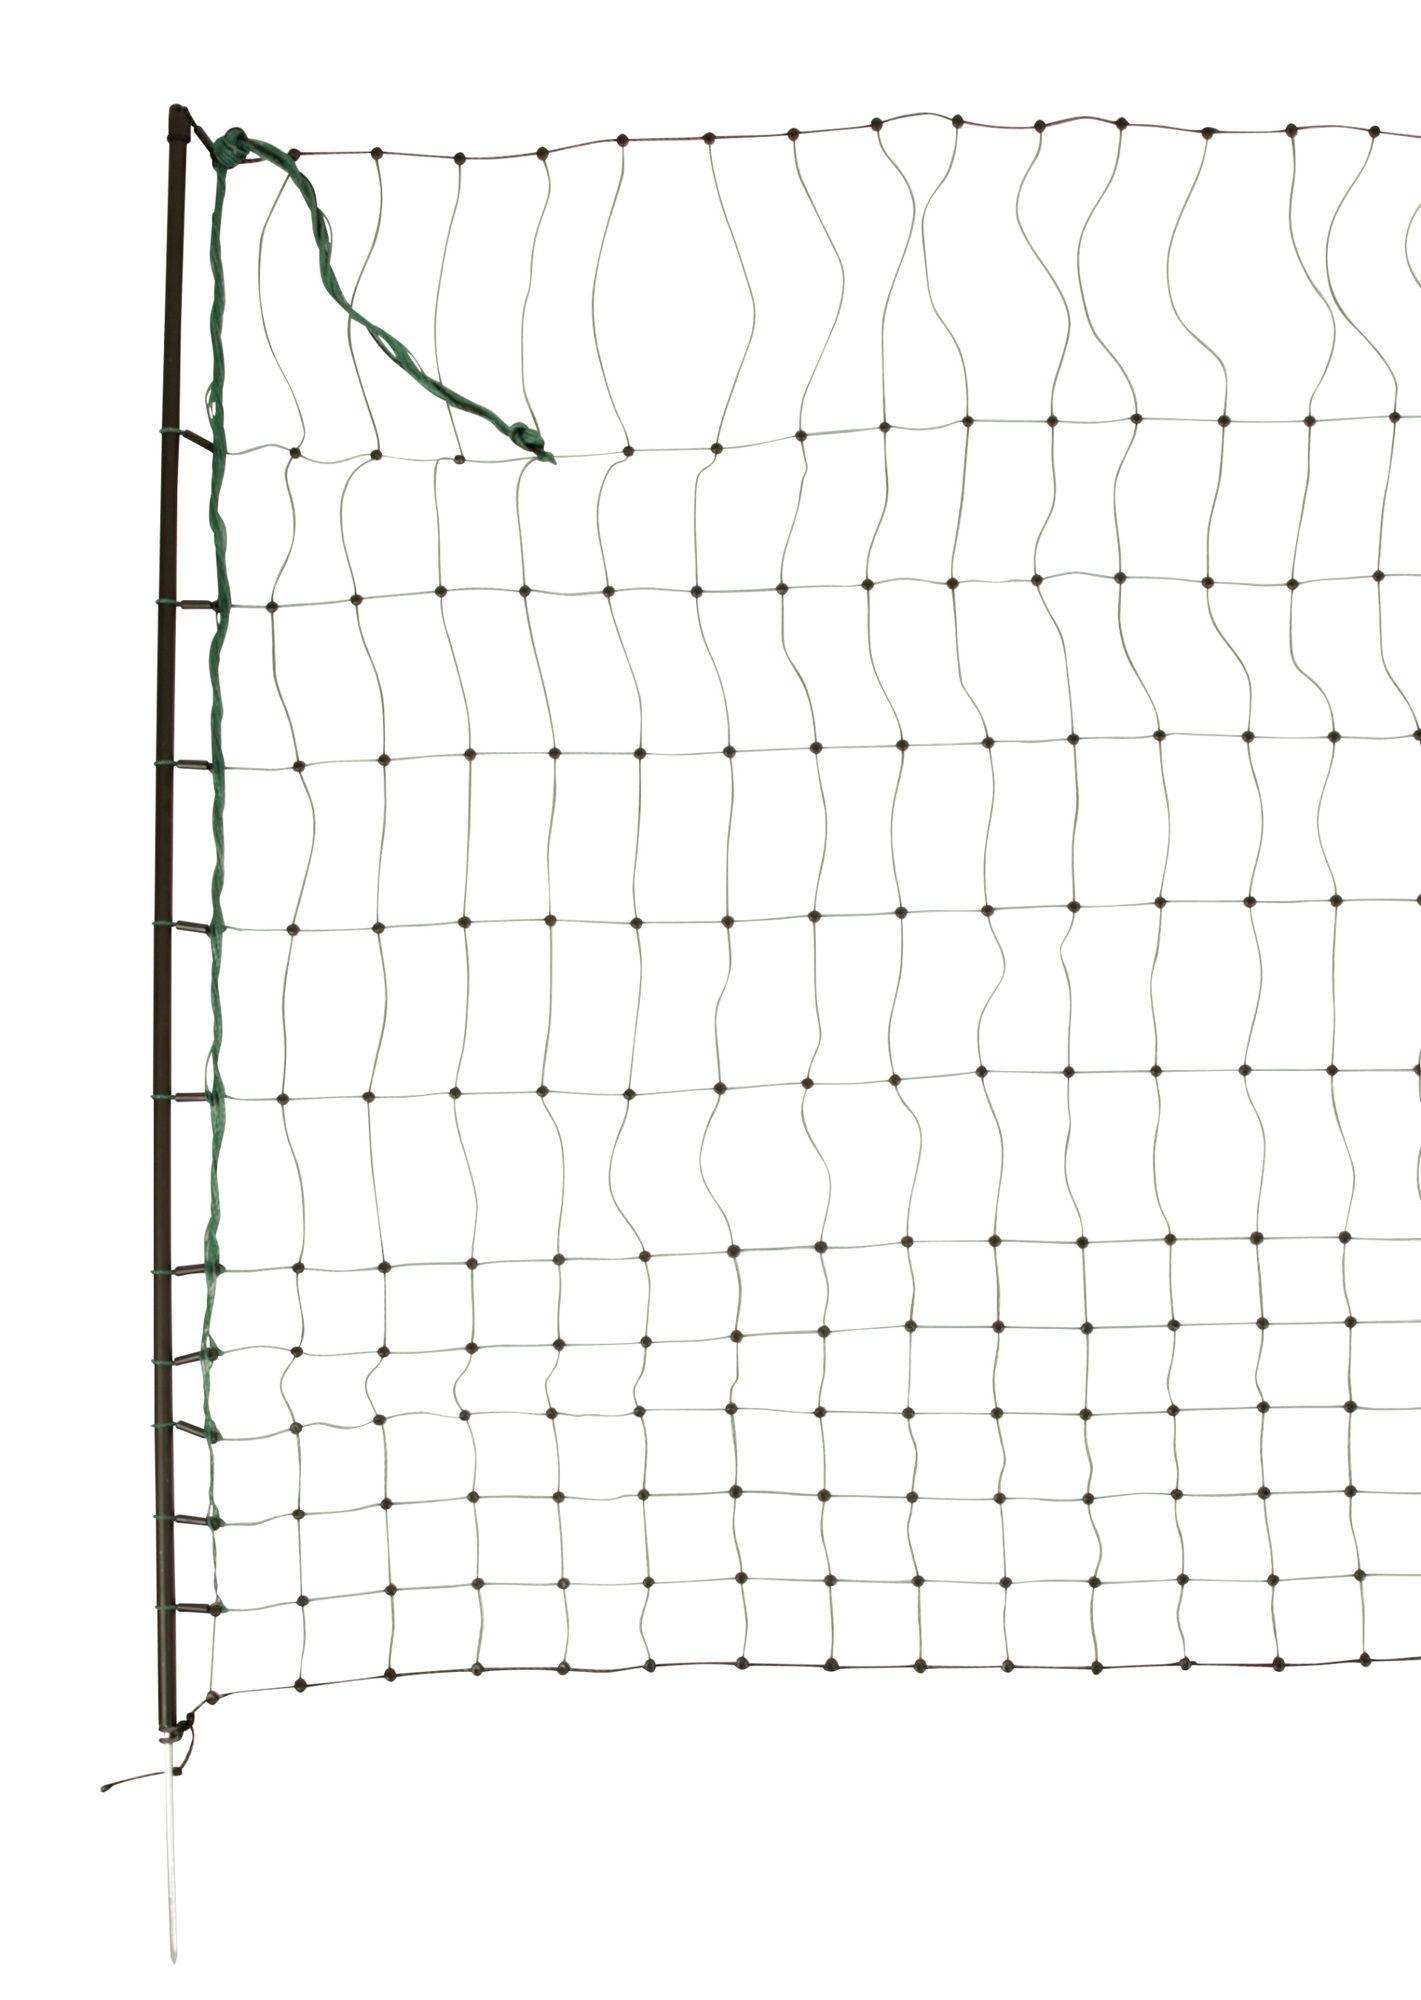 Geflügelnetz 50 mtr., 112 cm Einzelspitz, grün, ohne Strom